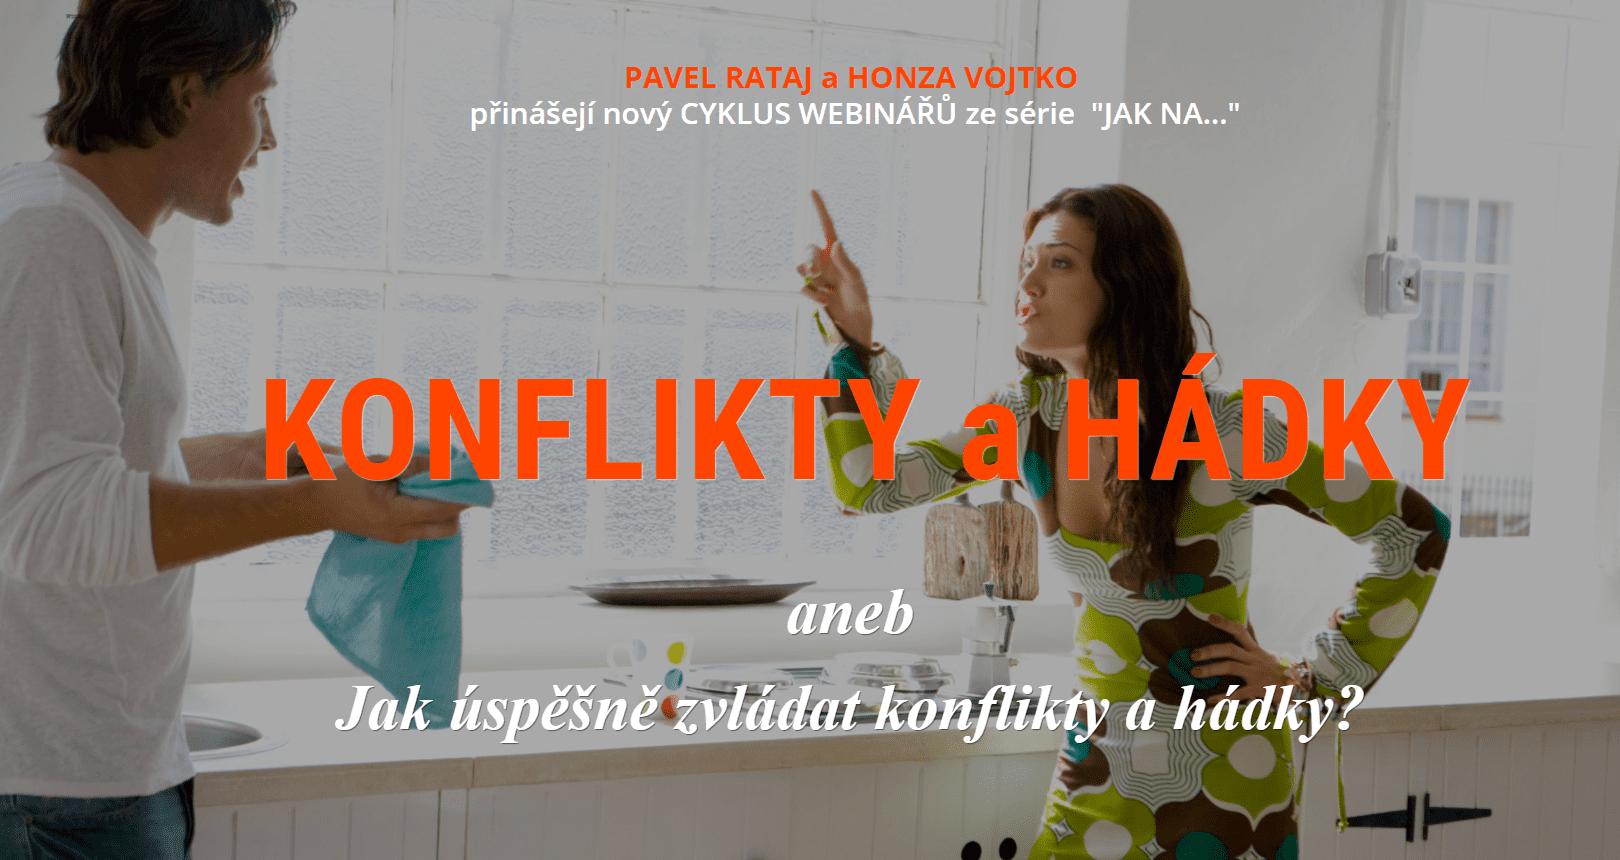 KONFLIKTY AHÁDKY aneb Jak si zdravě nastavit hranice aJak se úspěšně zvládat konflikty ahádky - Pavel Rataj aHonza Vojtko